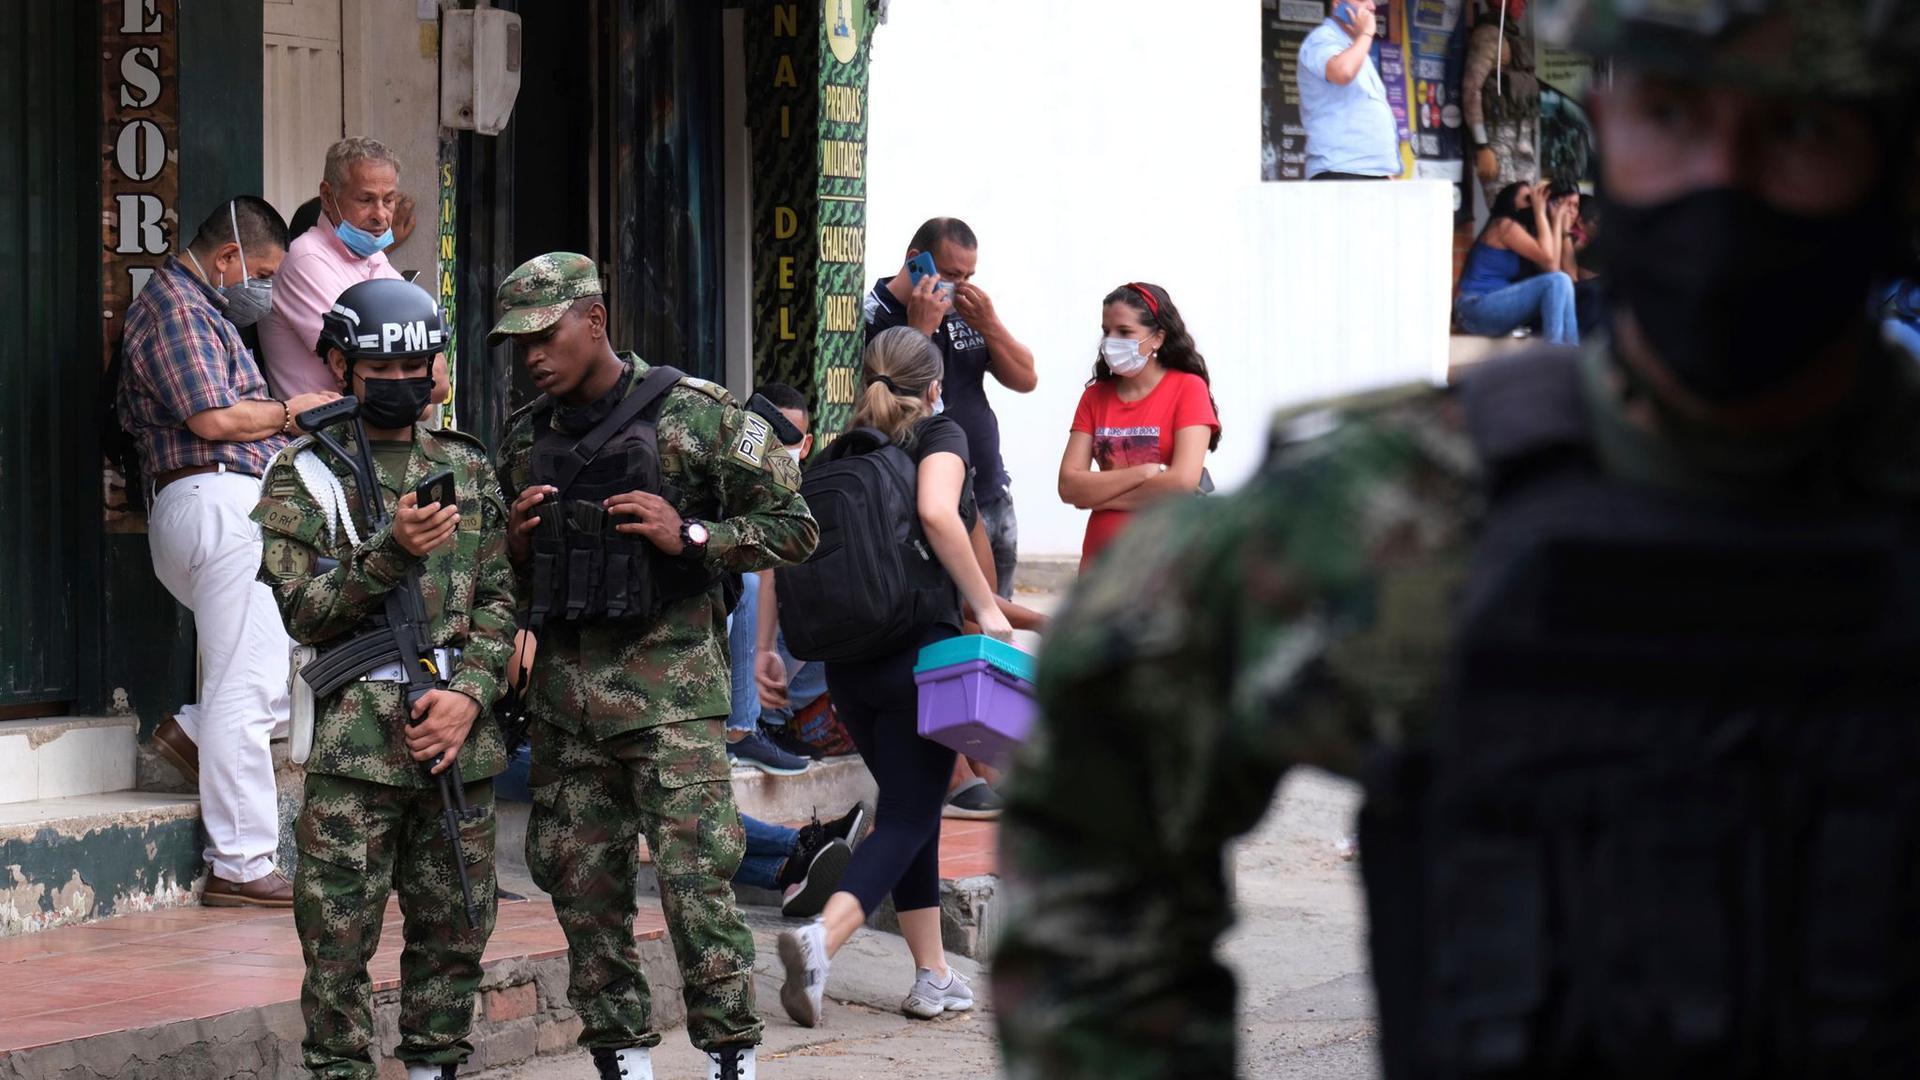 Bei einem Anschlag auf einen Militärstützpunkt im Osten Kolumbiens werden dutzende Menschen verletzt.